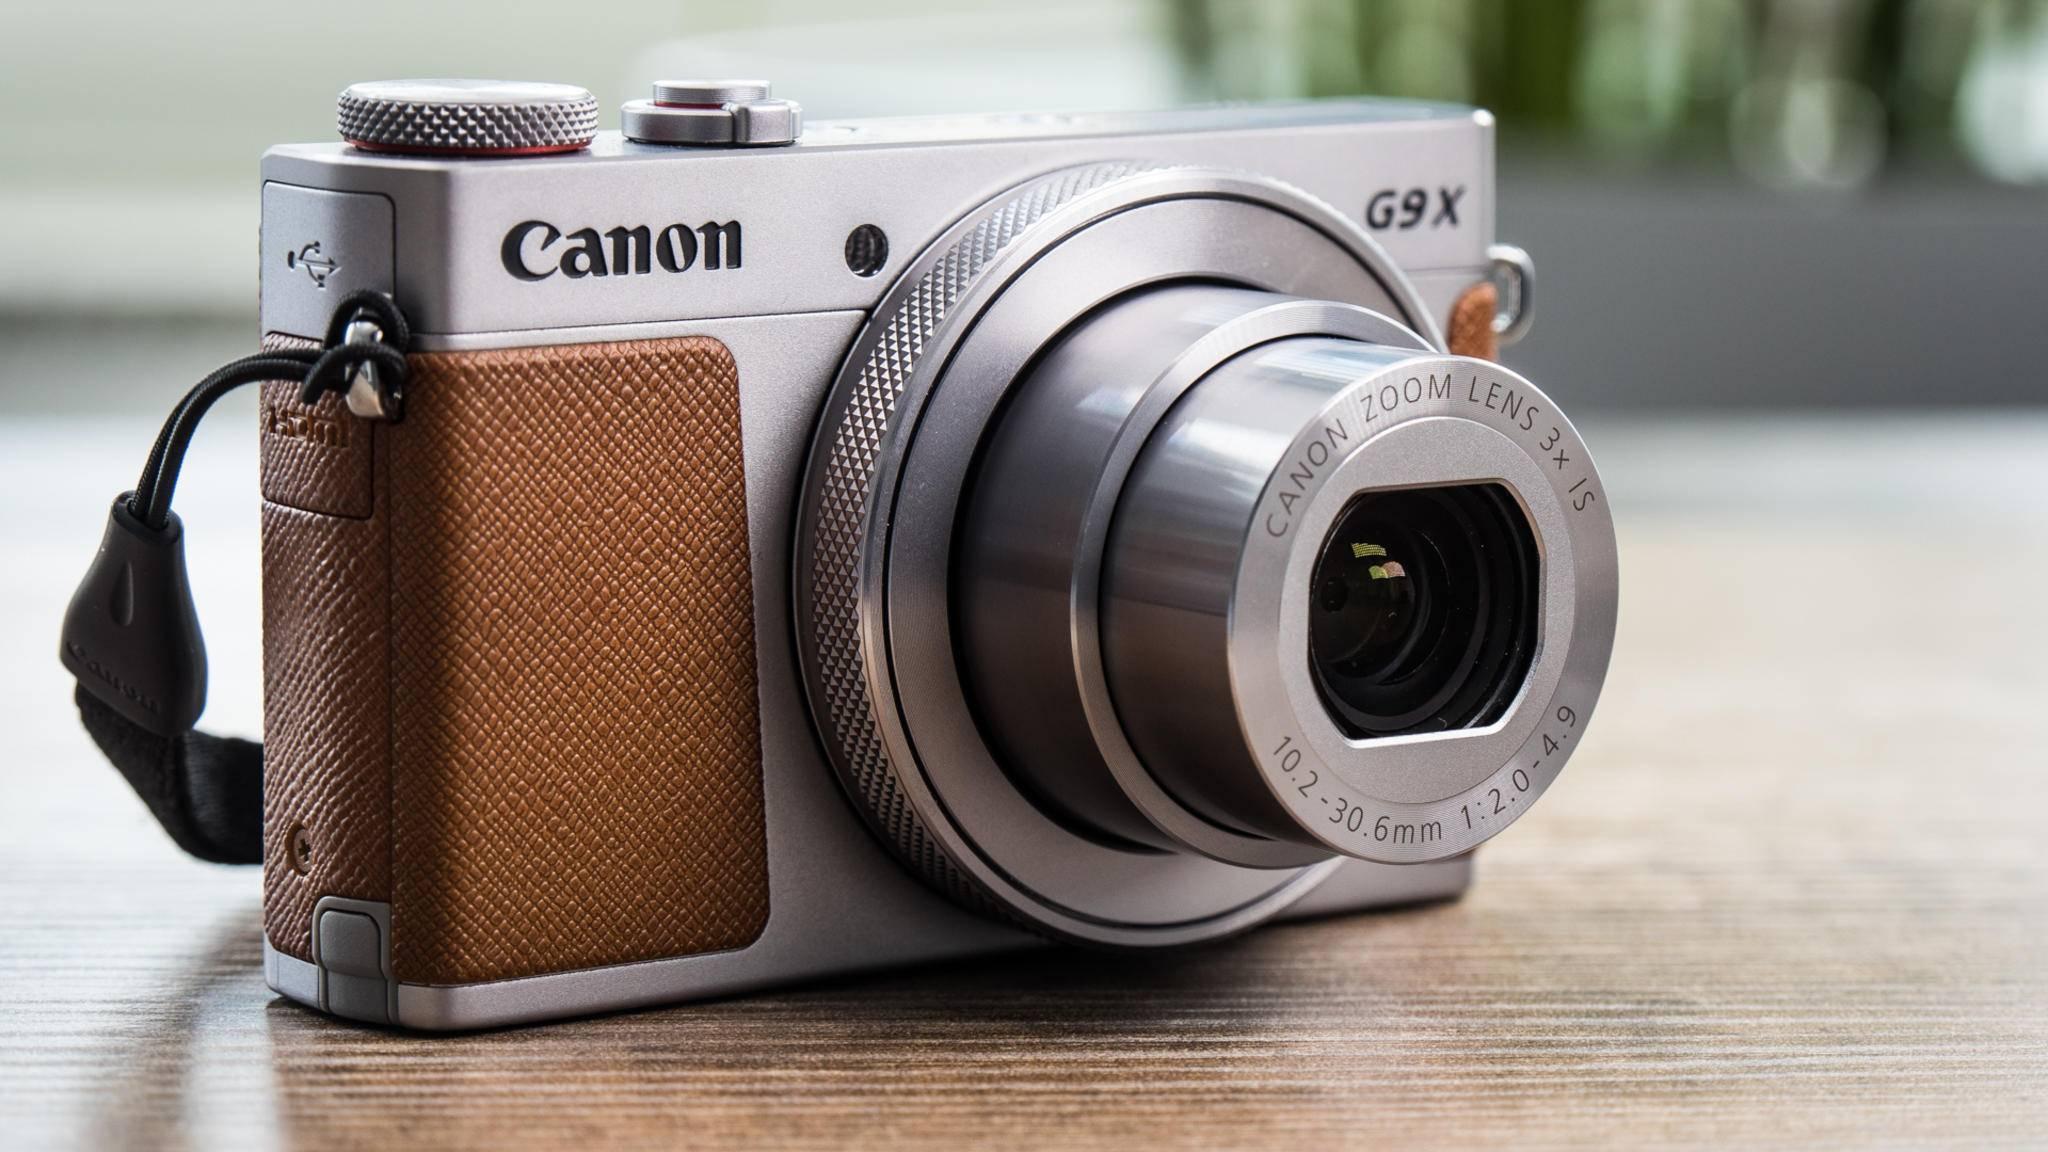 170425_CanonPowerShotG9X-MK2-9